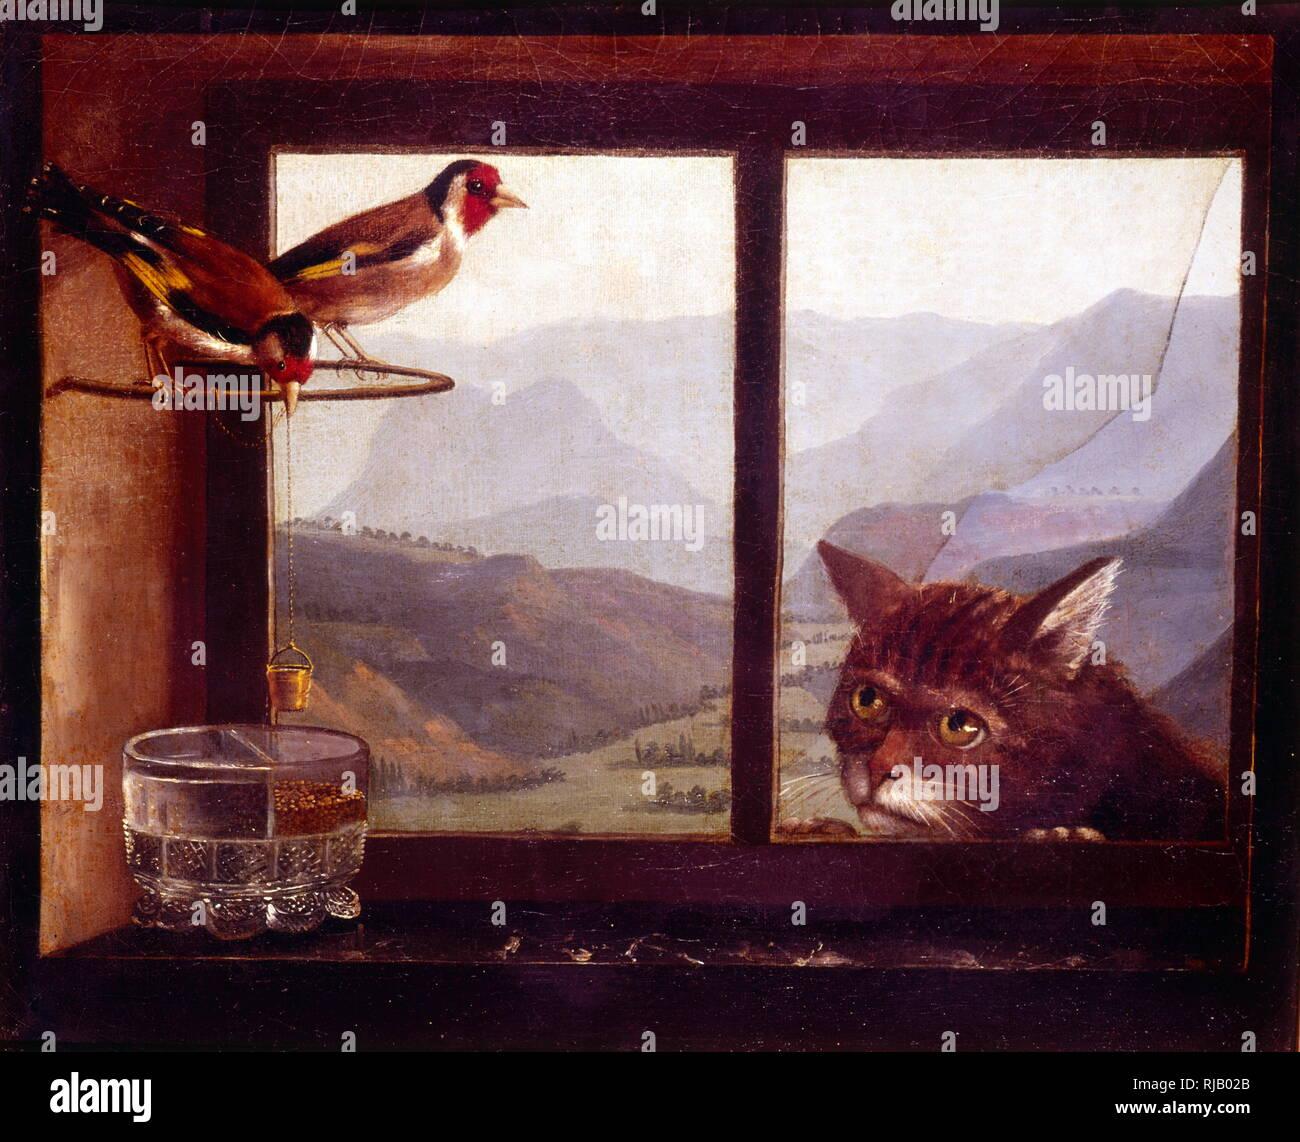 Le Chat Et Le Chardonneret 19e Siecle La Peinture A L Huile Musee Des Beaux Arts